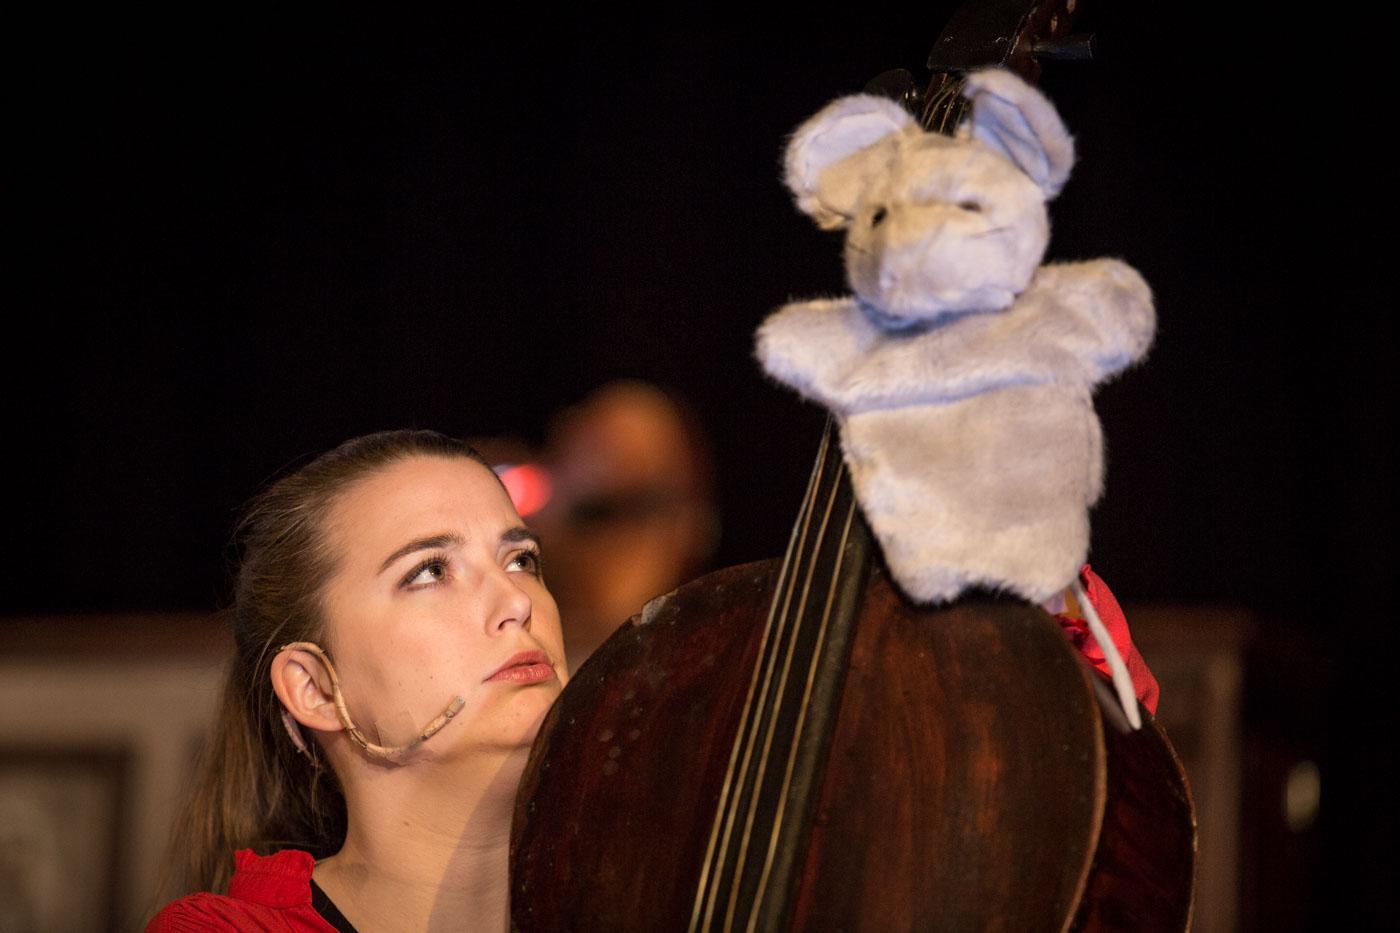 Medved z miško na rami, Foto: Luca Quaia